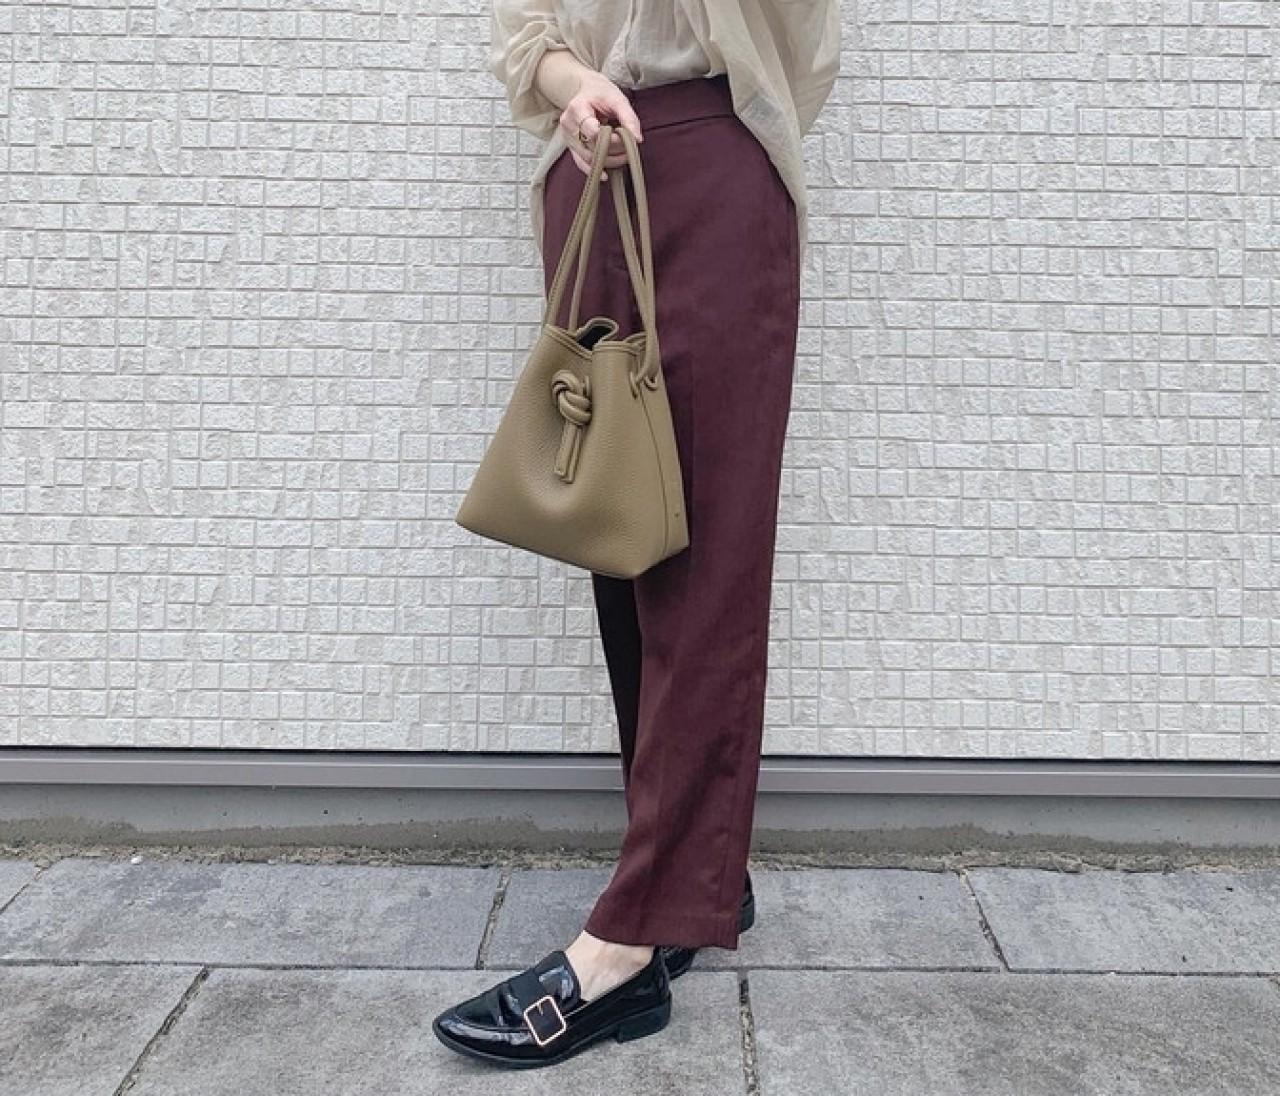 【アラサー&30代読者モデルが買った靴】withコロナで足元に変化!ローファー・フラットシューズ・ボリュームスニーカーの秋コーデまとめ